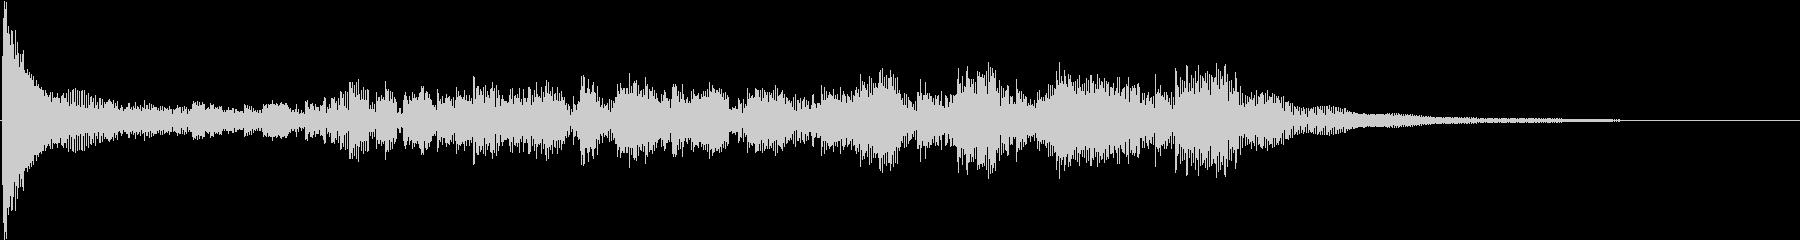 ドラムロール低波の未再生の波形